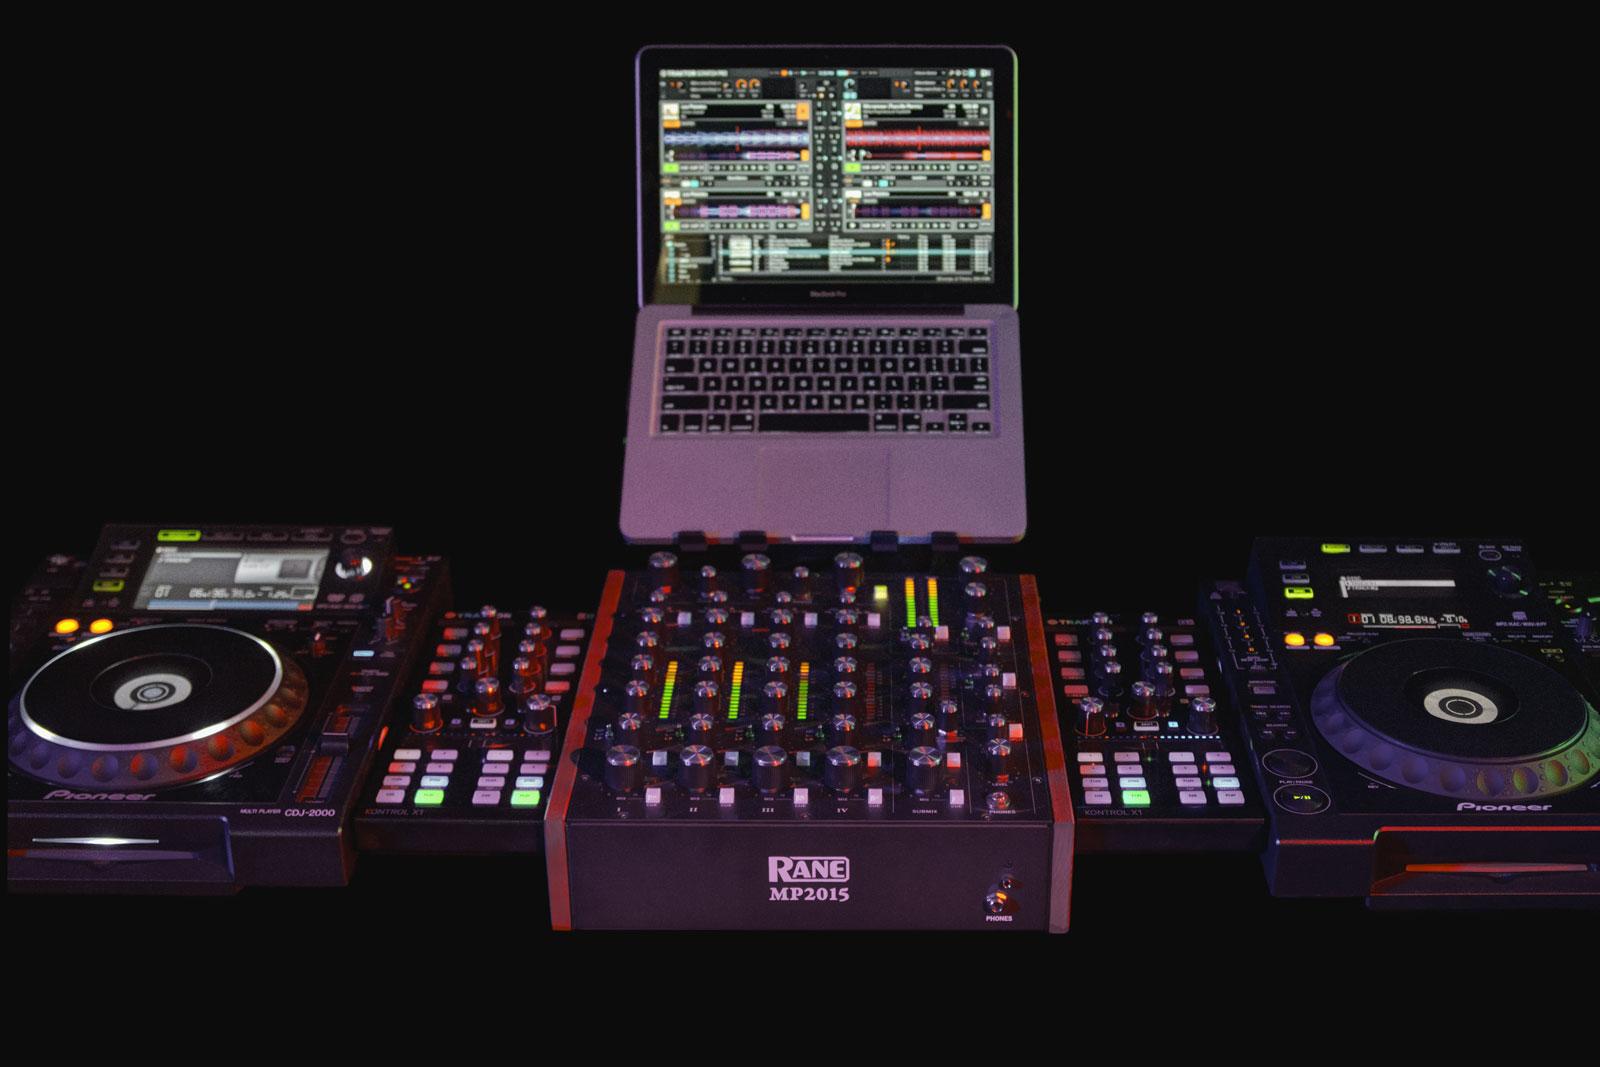 RANE MP2015 Rotary Mixer-